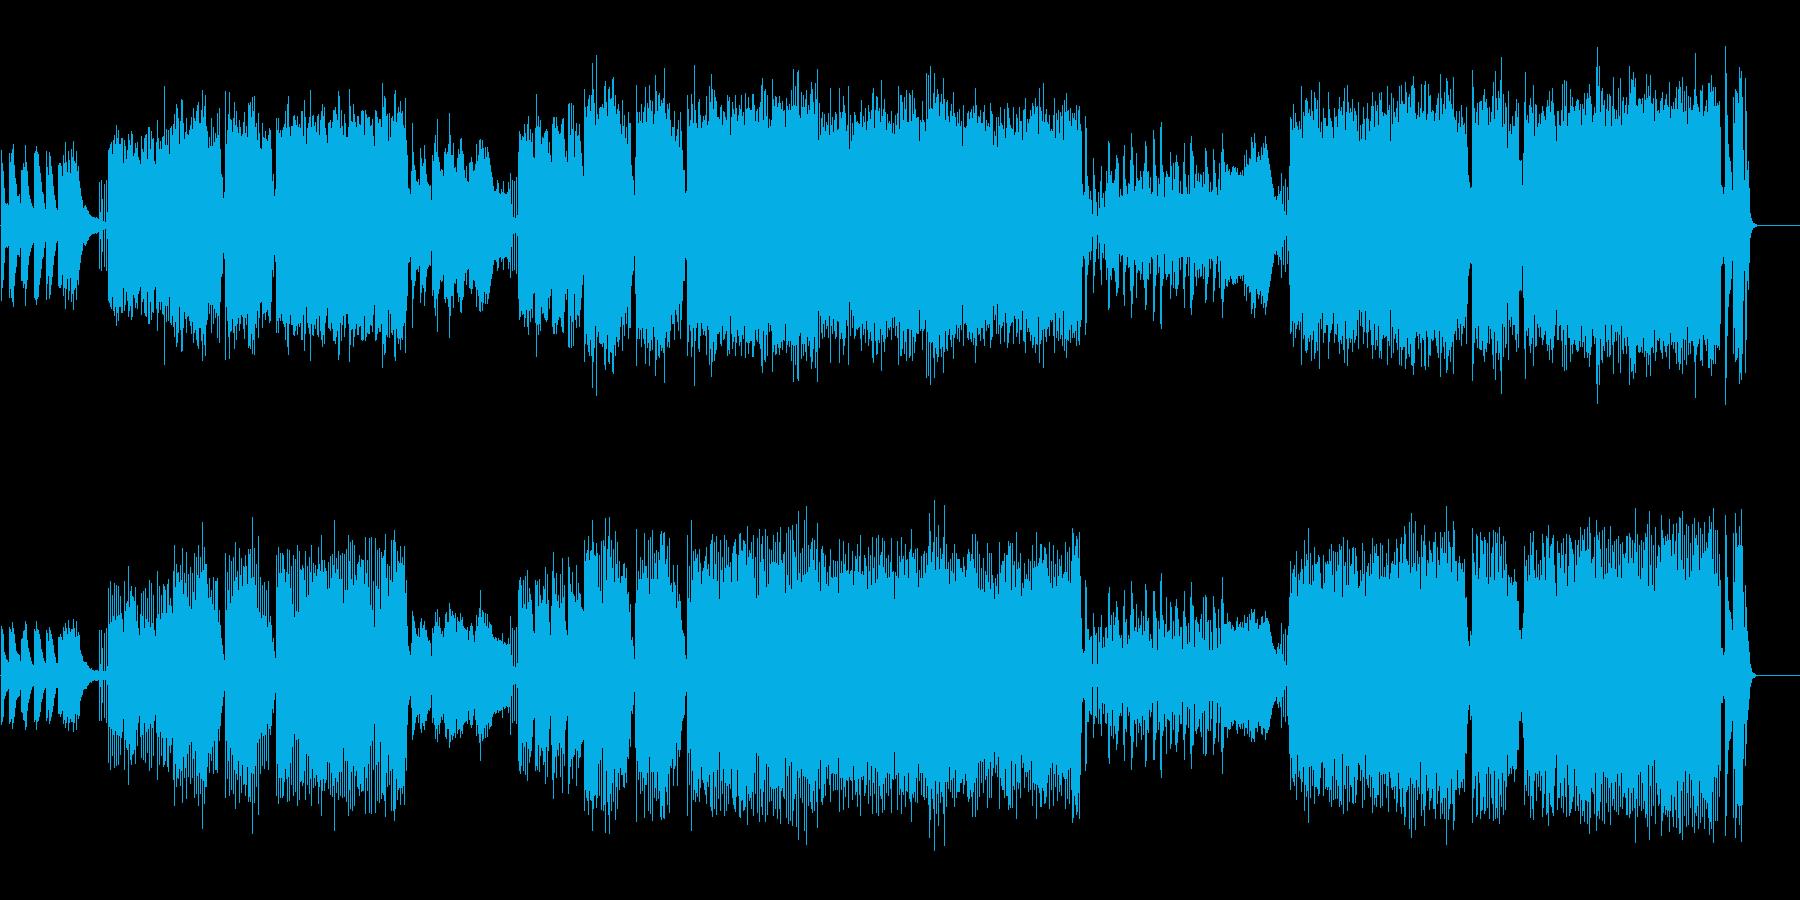 プリミティブな倍速映像対応のコミカルの再生済みの波形